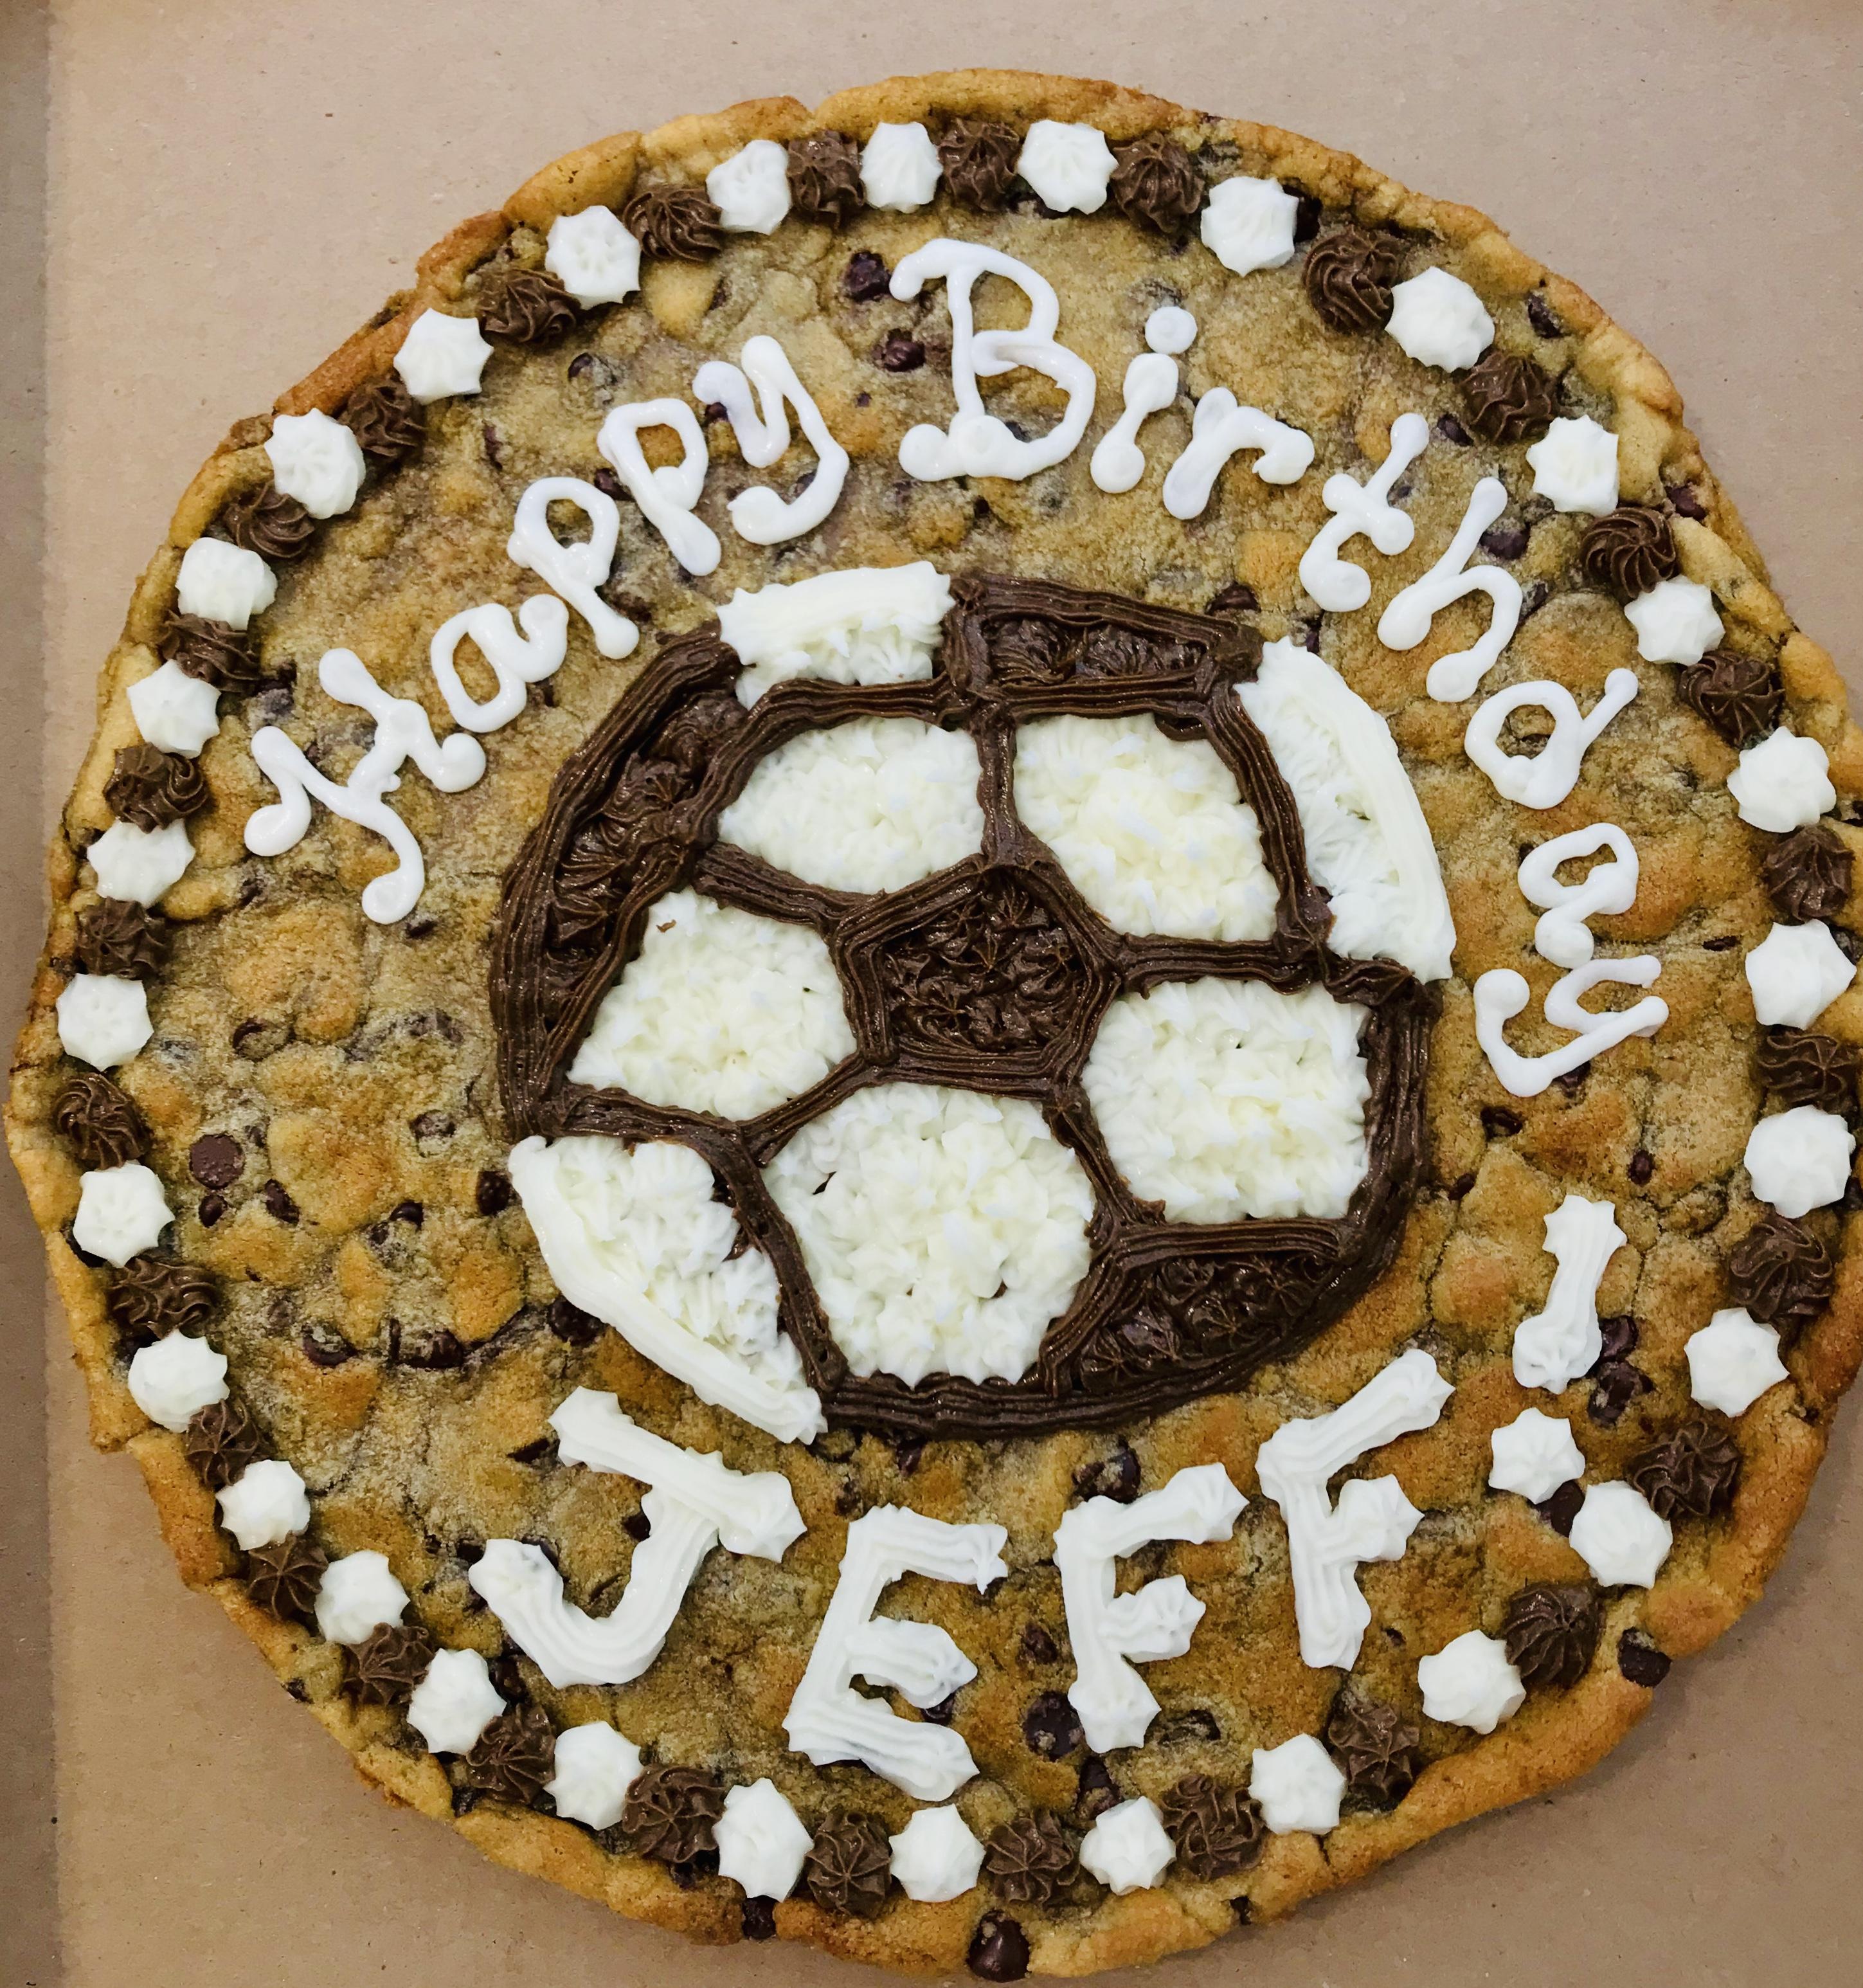 https://0201.nccdn.net/1_2/000/000/08a/927/soccer-cookie-cake.jpg